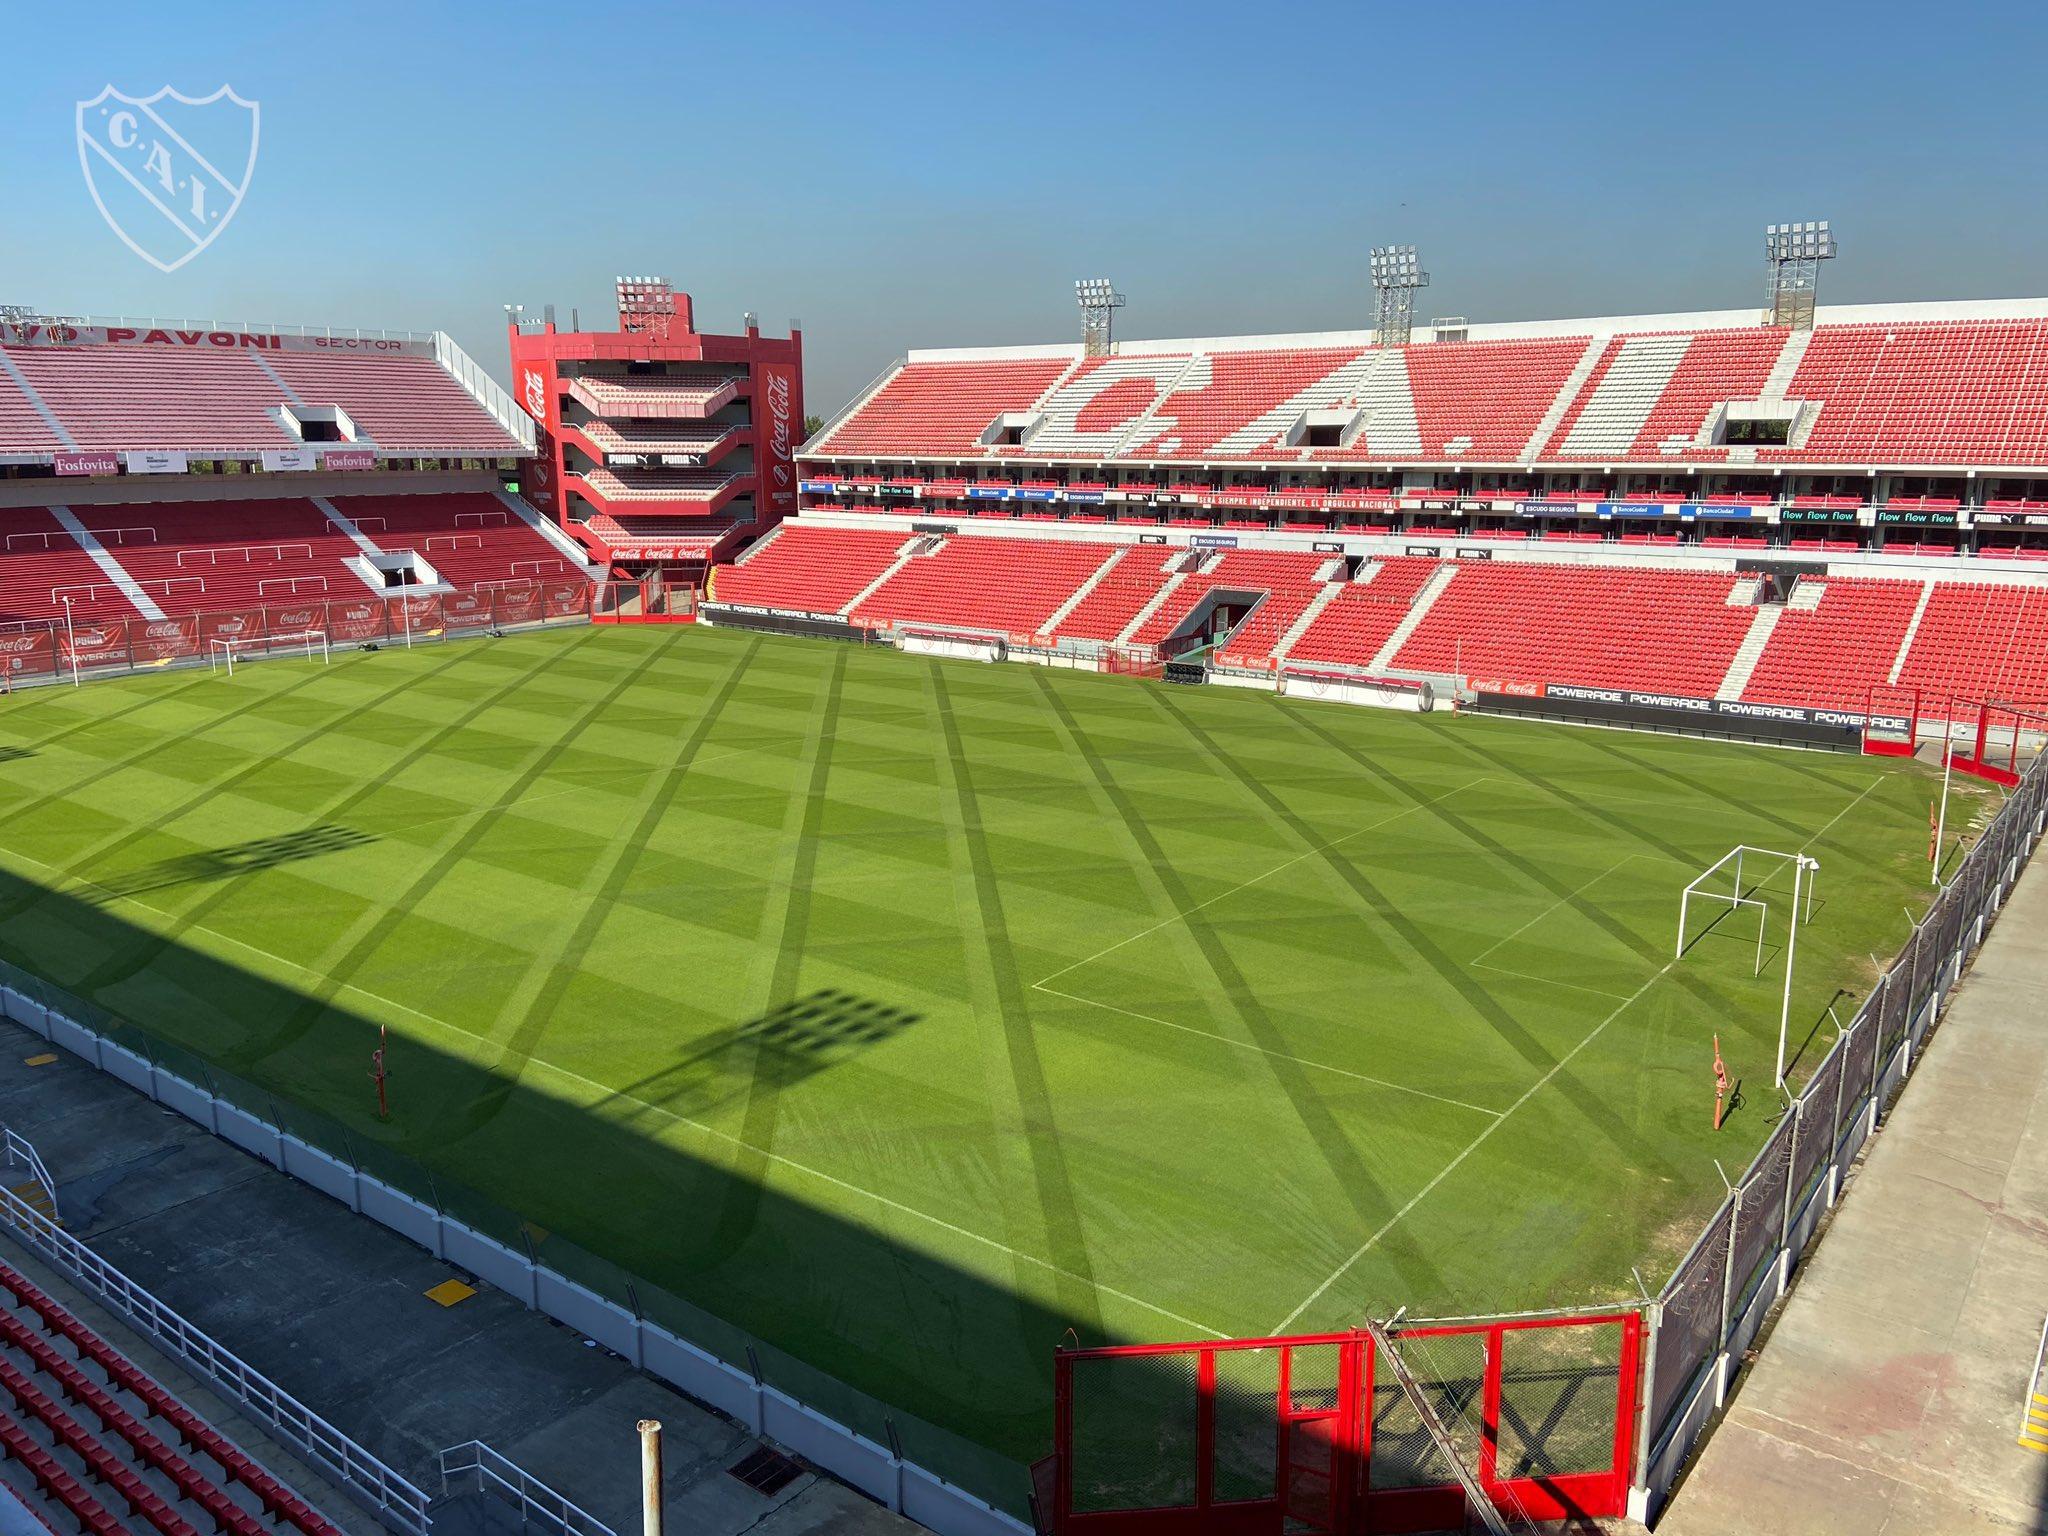 Atención Independiente: cambian los horarios del fútbol